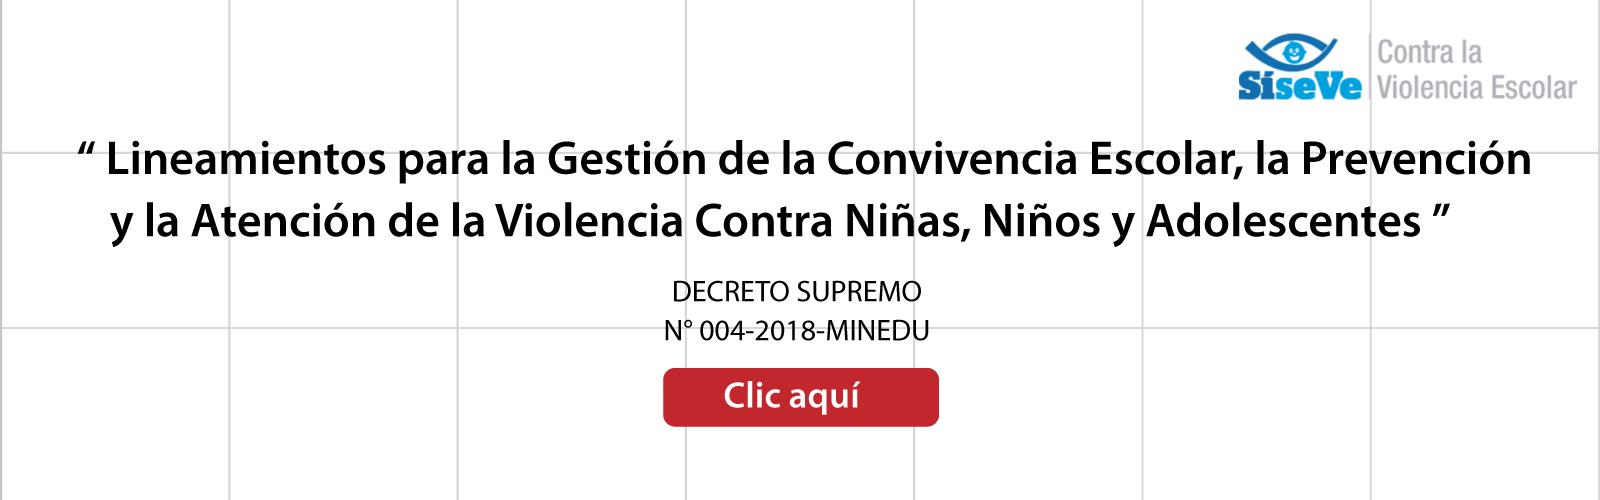 COMUNICADO-CONVIVENCIA-ESCOLAR